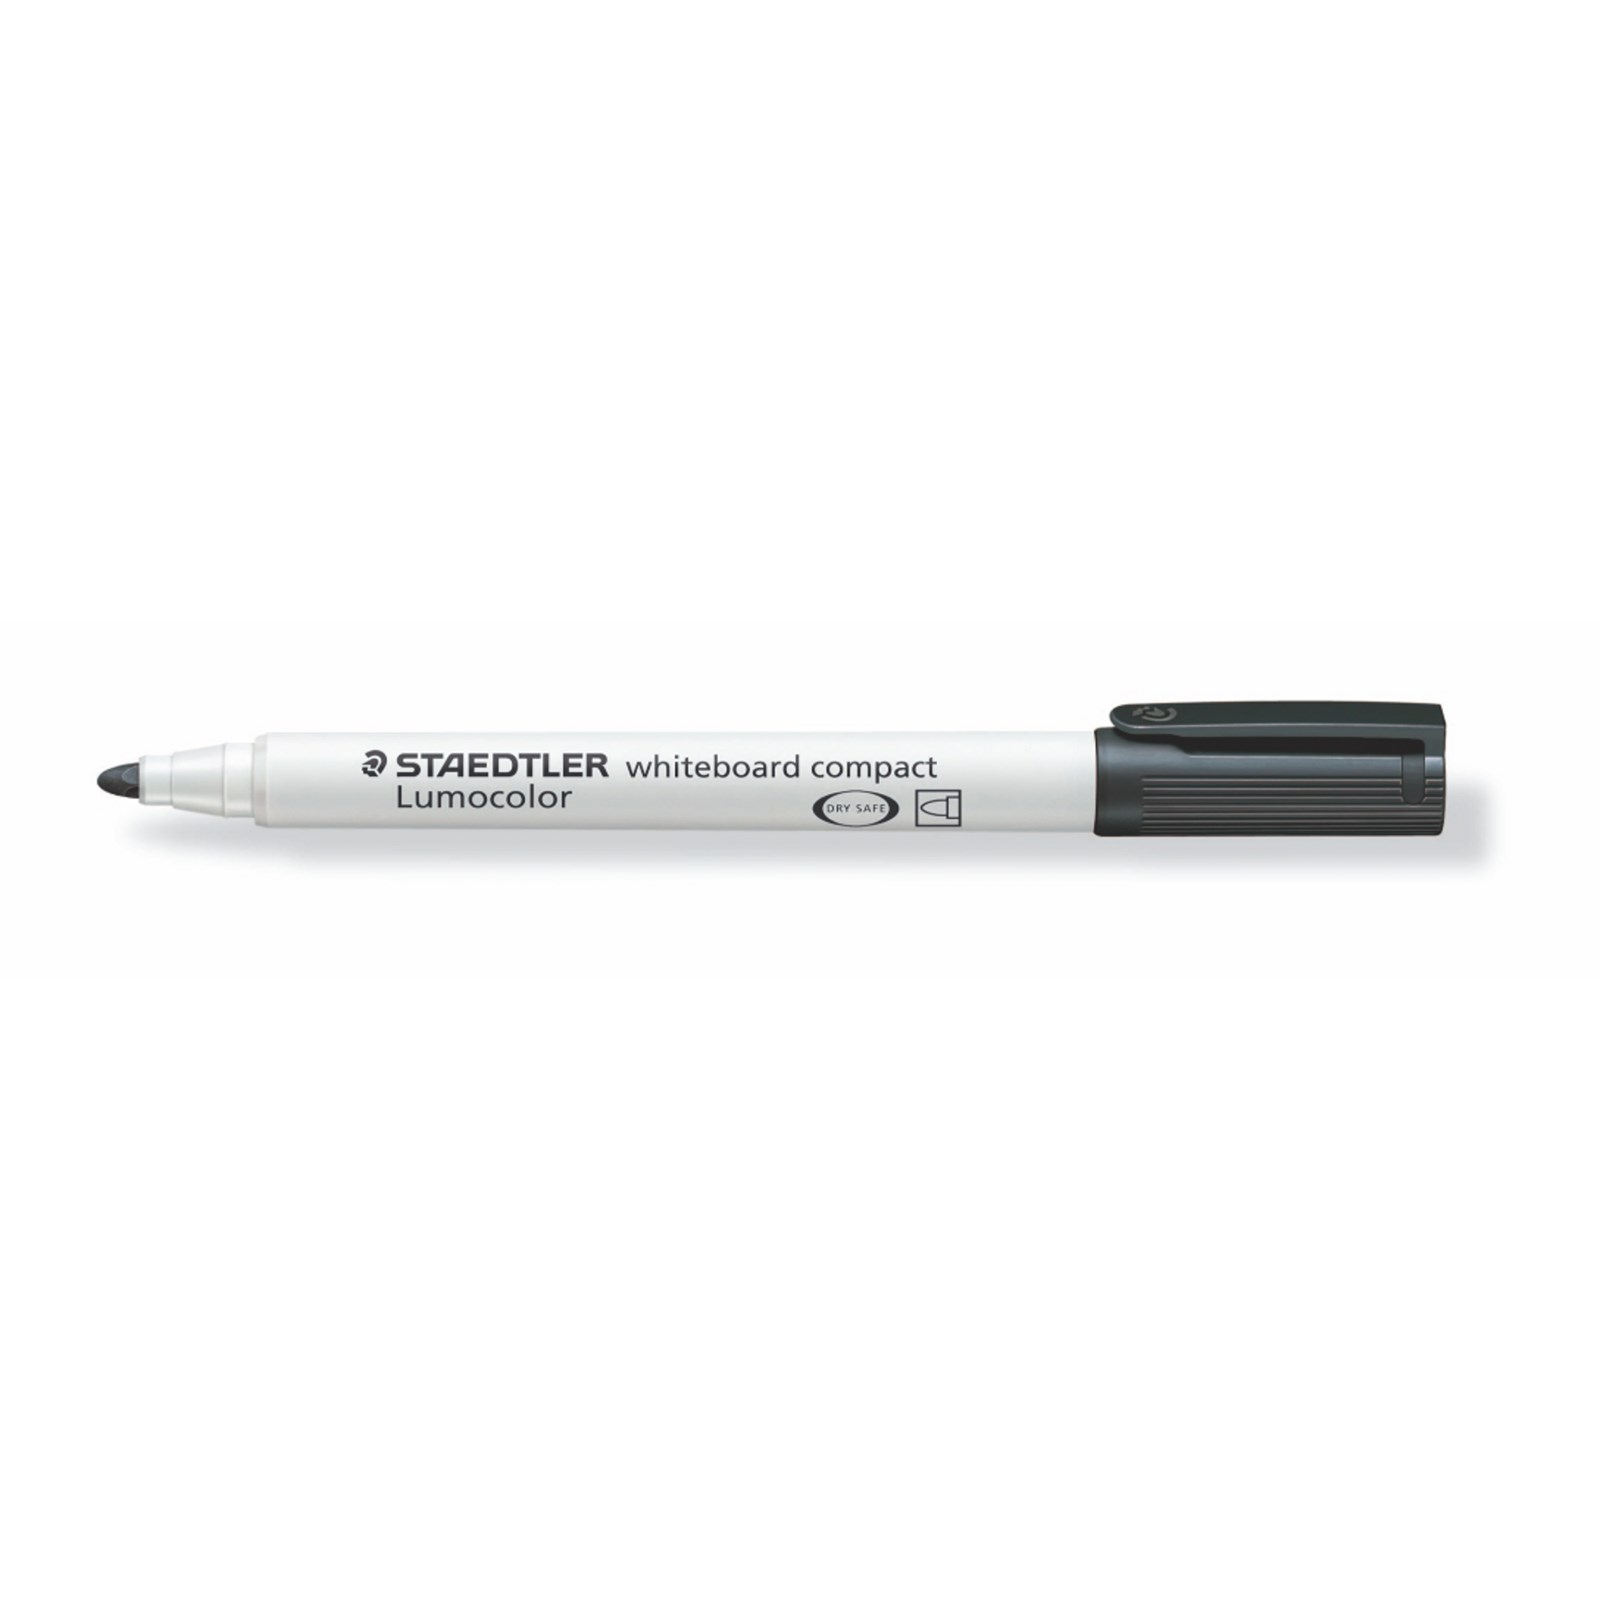 Staedtler Whiteboard Marker Pens Black, Bullet Tip - Pack of 36